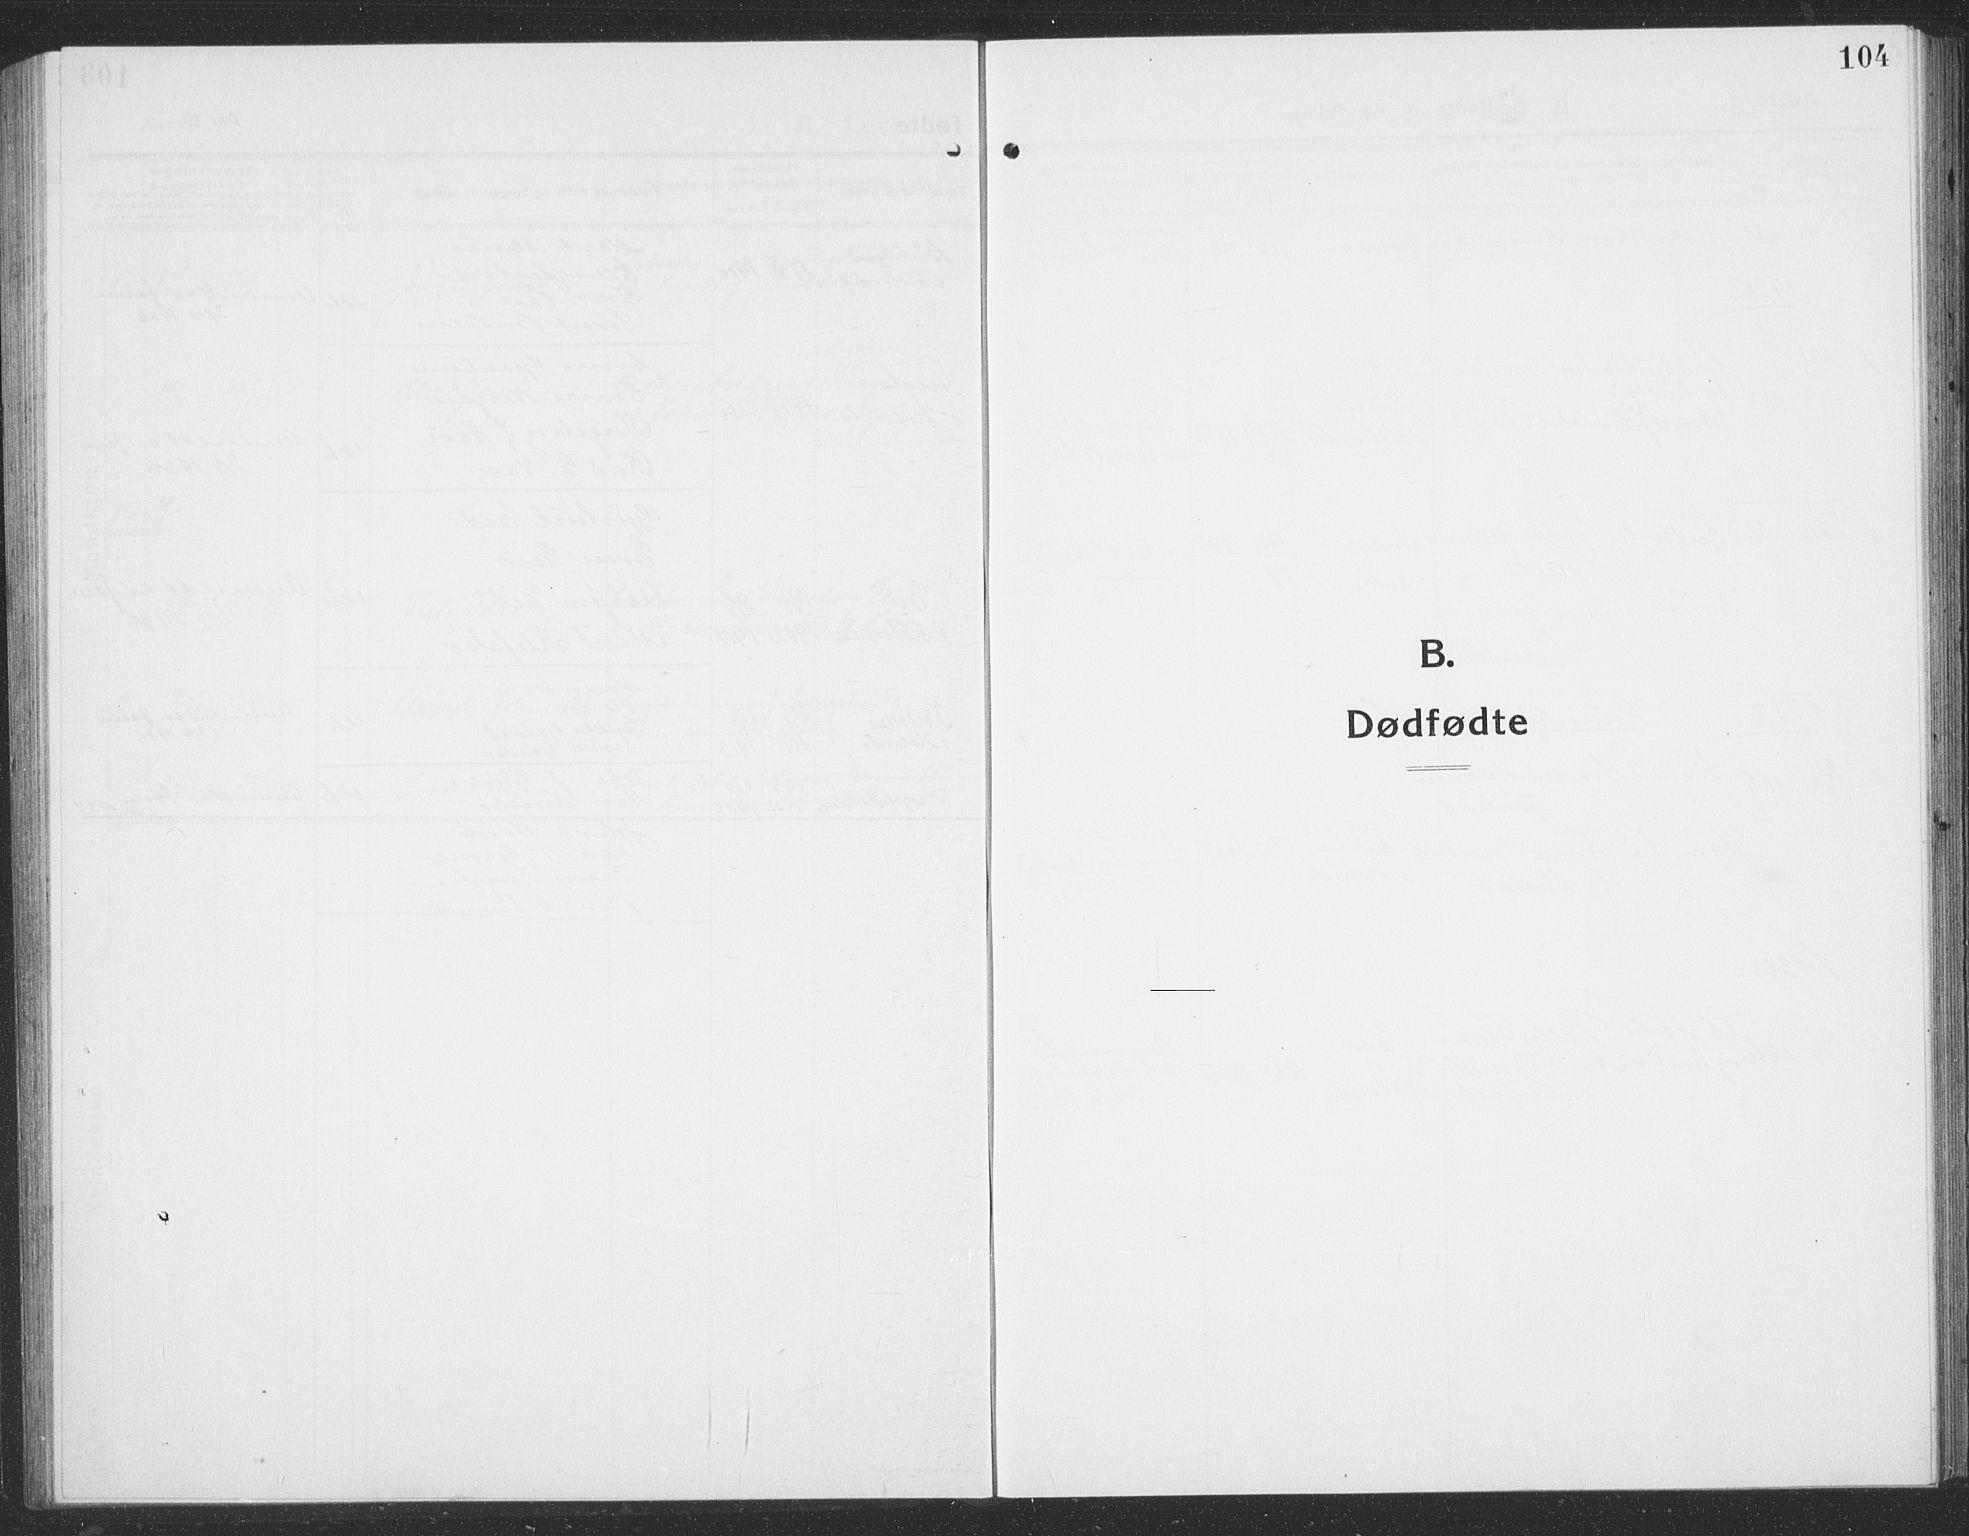 SAT, Ministerialprotokoller, klokkerbøker og fødselsregistre - Sør-Trøndelag, 694/L1134: Klokkerbok nr. 694C06, 1915-1937, s. 104